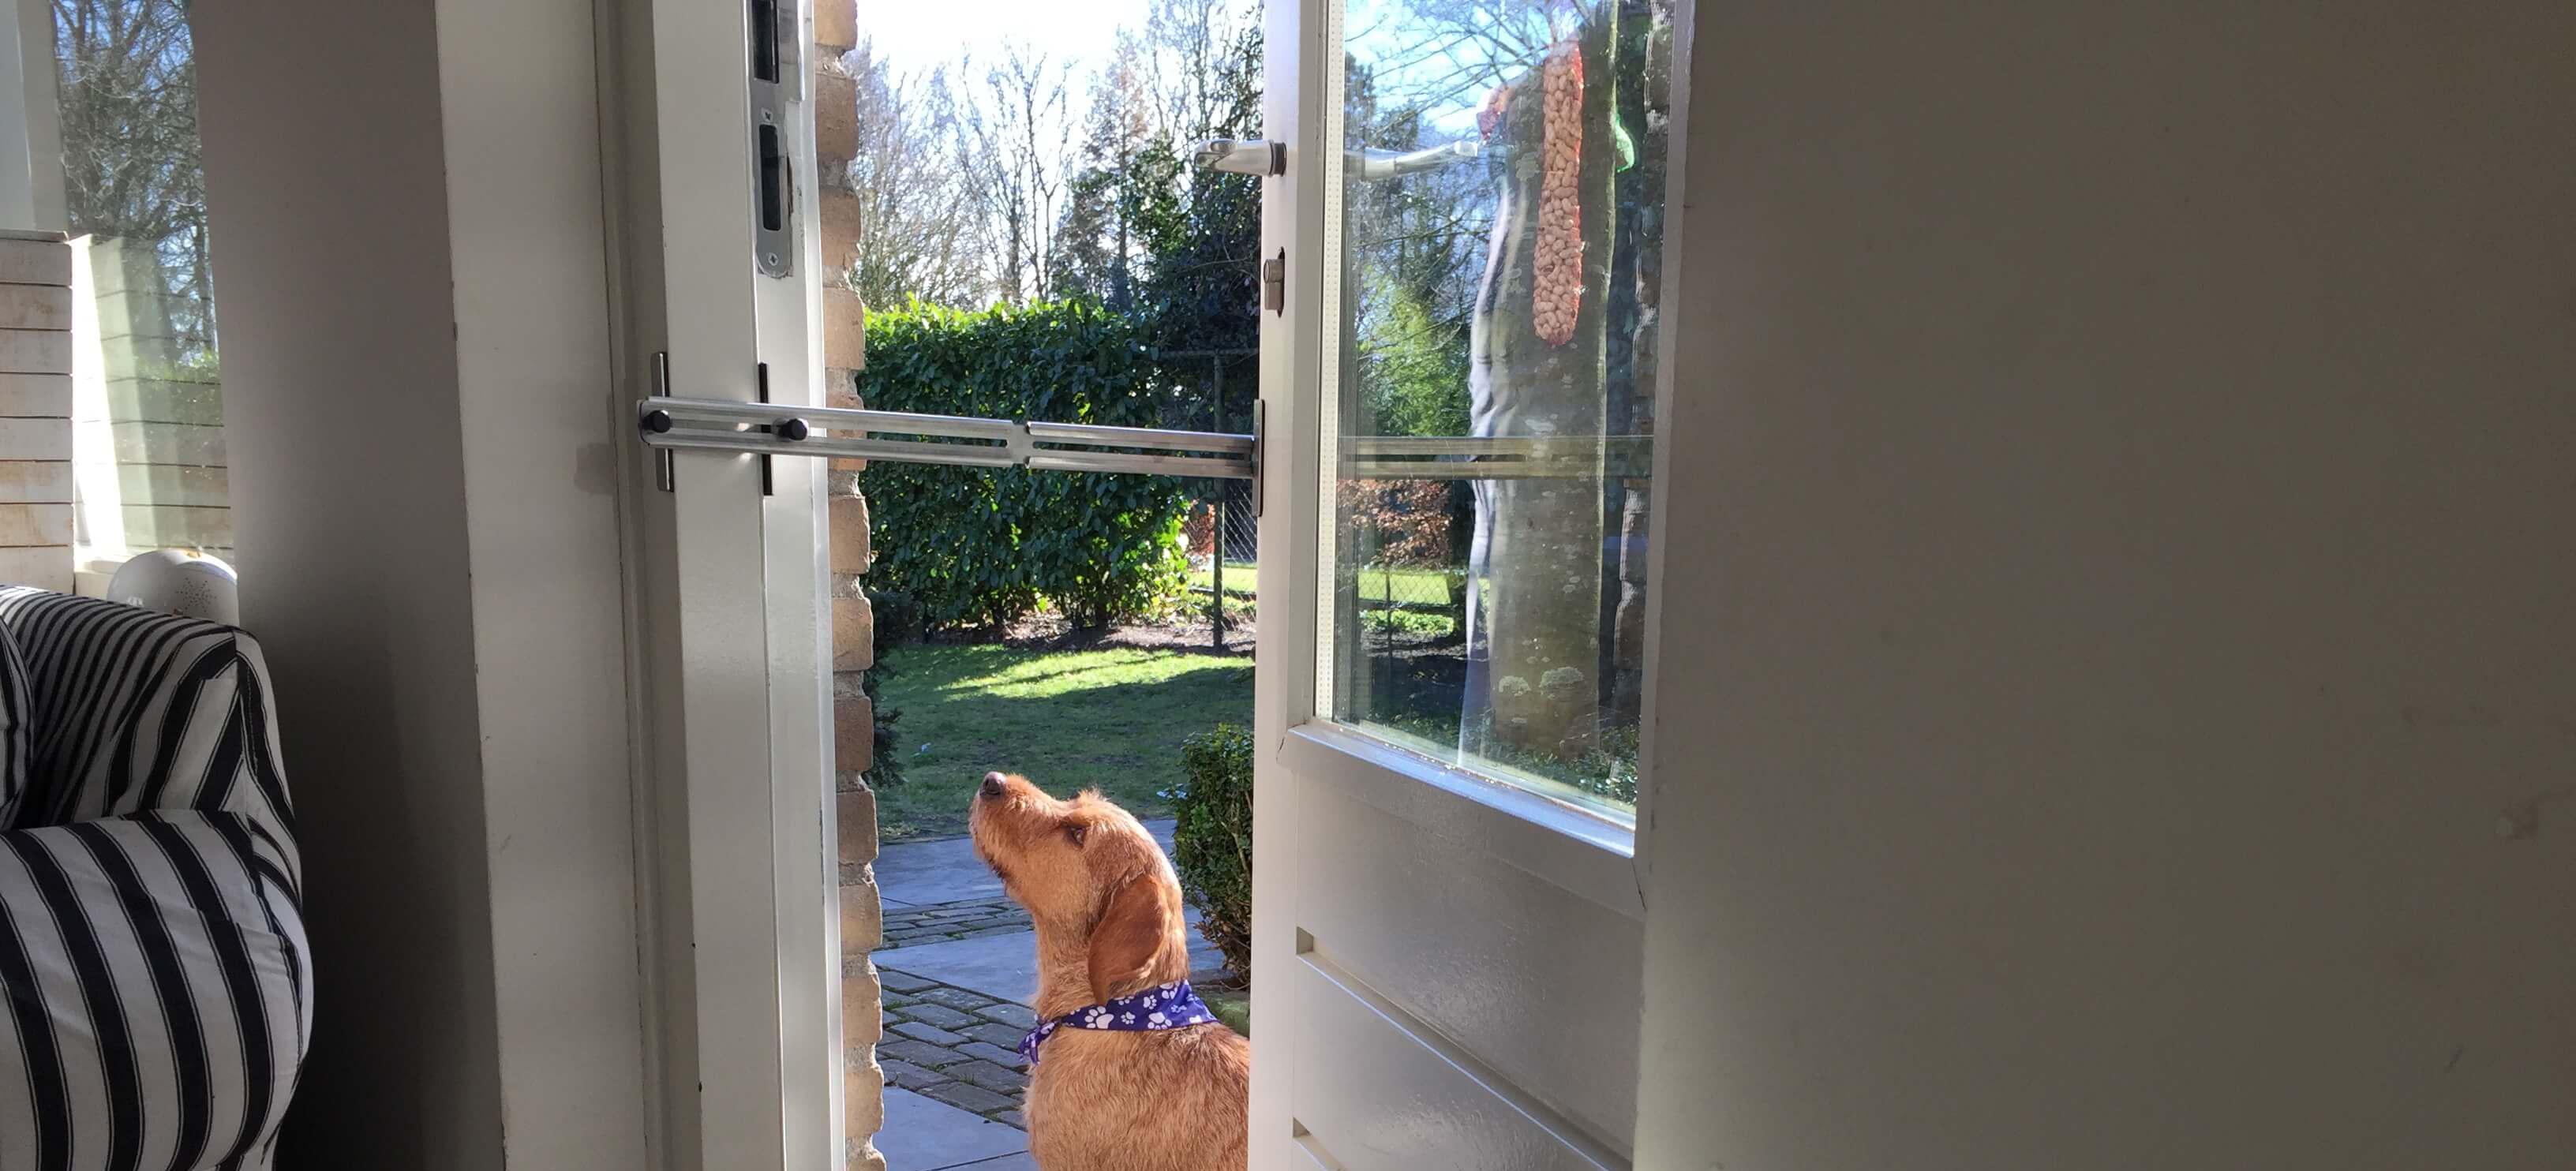 Kierr Classic 200 kierstandhouder om huisdieren naar buiten te kunnen laten lopen.